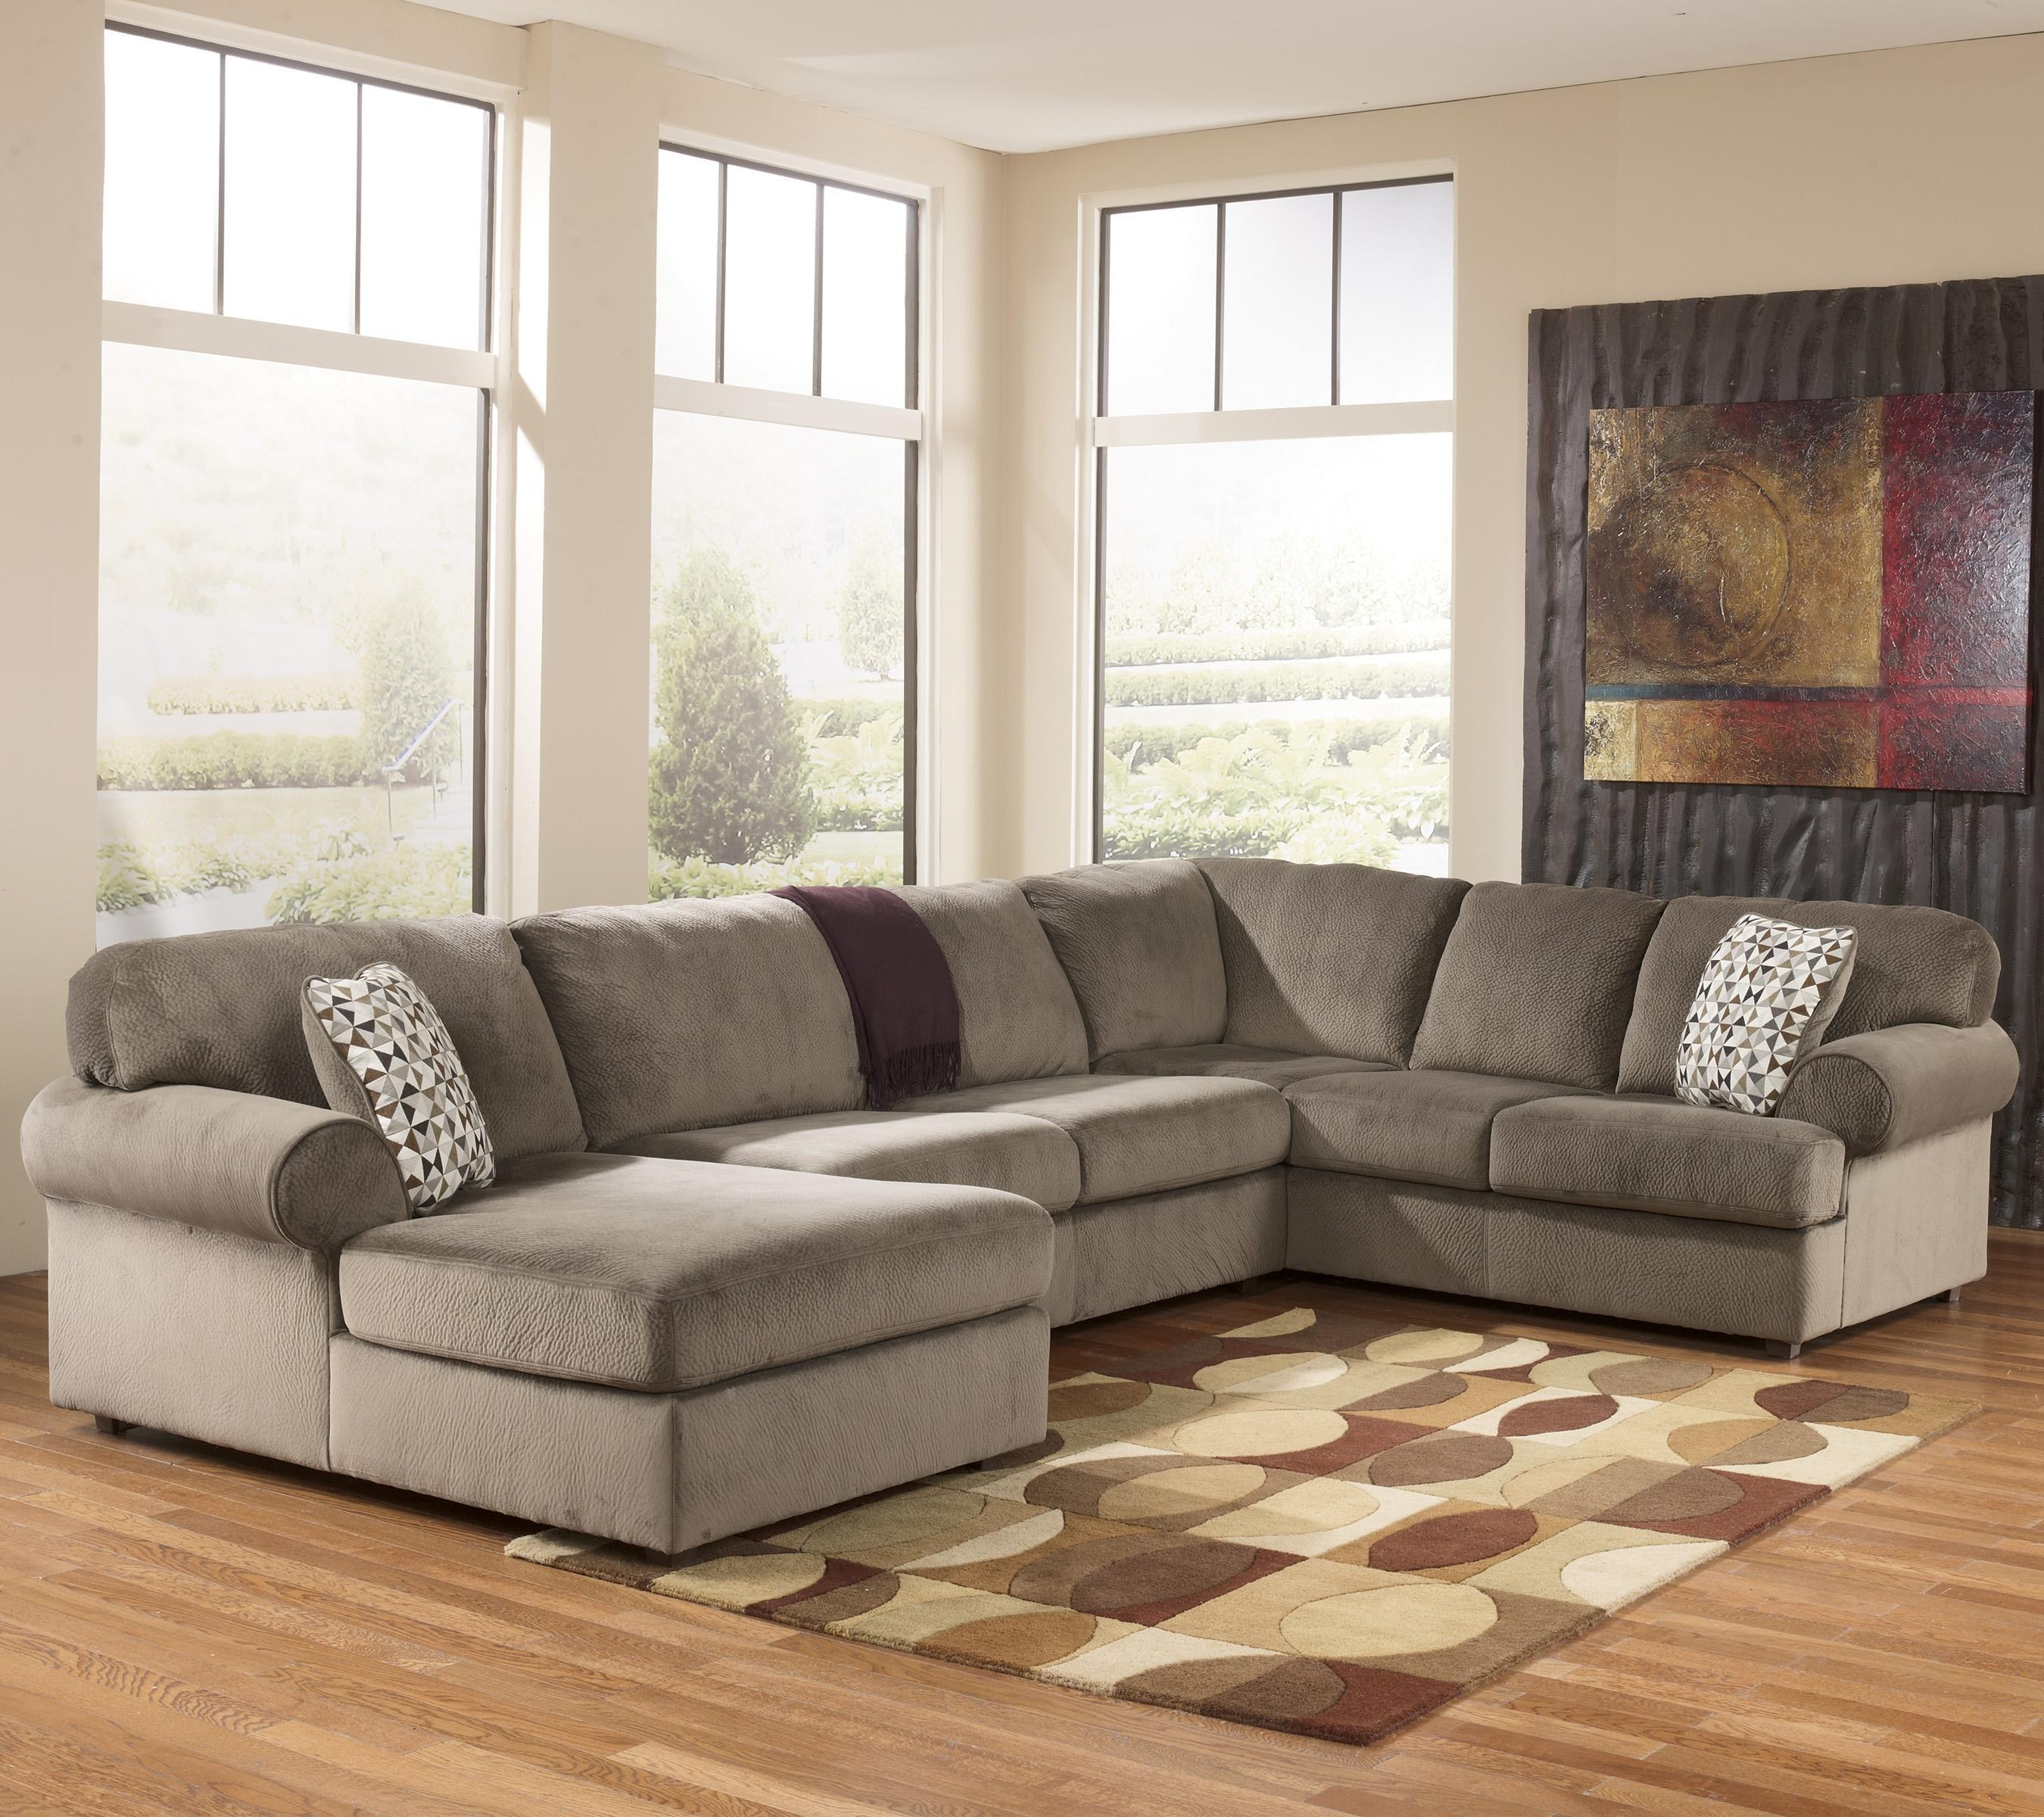 Ashley Signature Design Jessa Place – Dune Casual Sectional Sofa For Signature Design Sectional Sofas (Image 3 of 20)